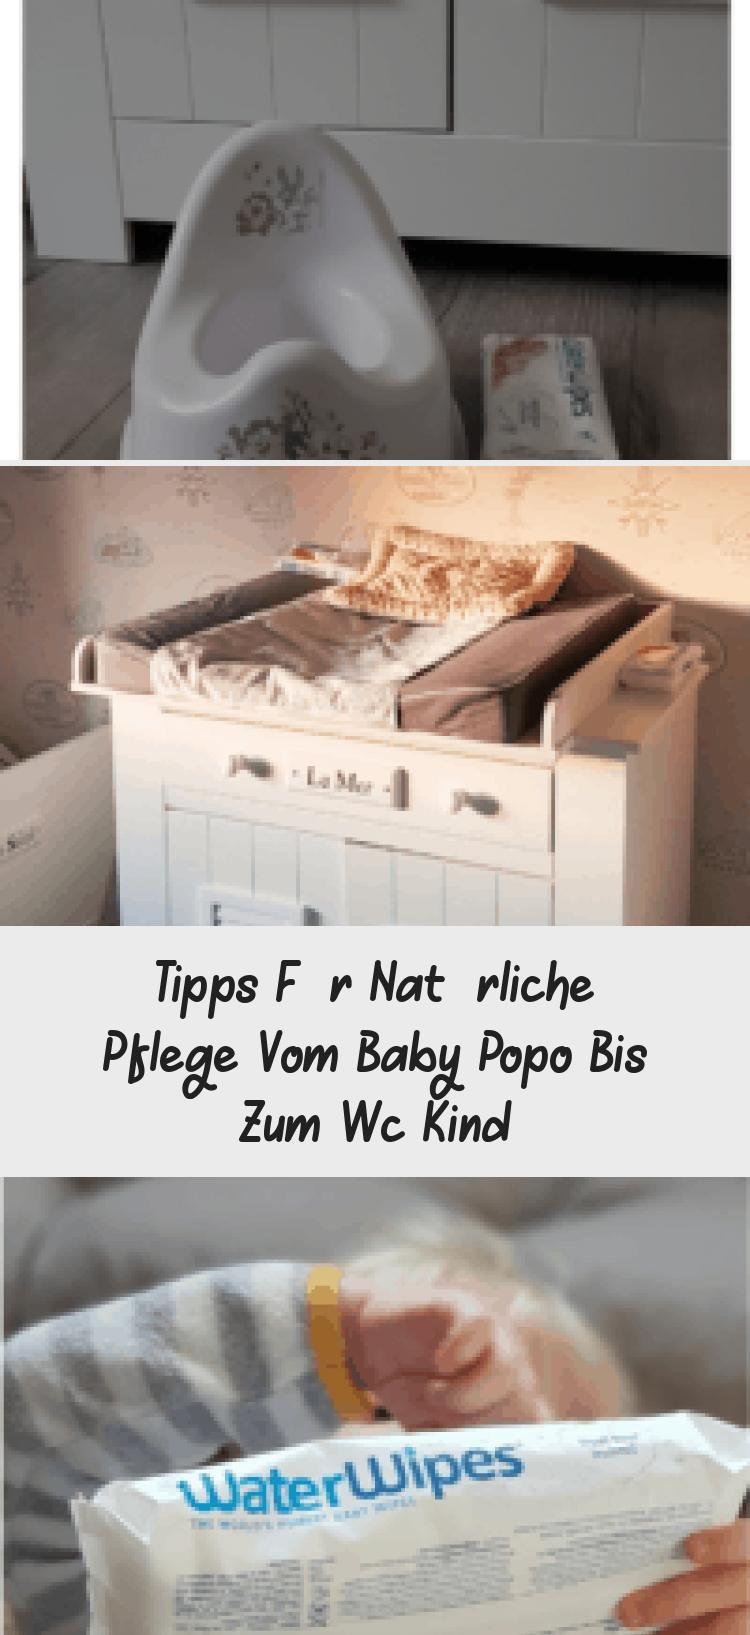 Tipps Fur Naturliche Pflege Vom Baby Popo Bis Zum Wc Kind Babypflege Baby Baby Popo